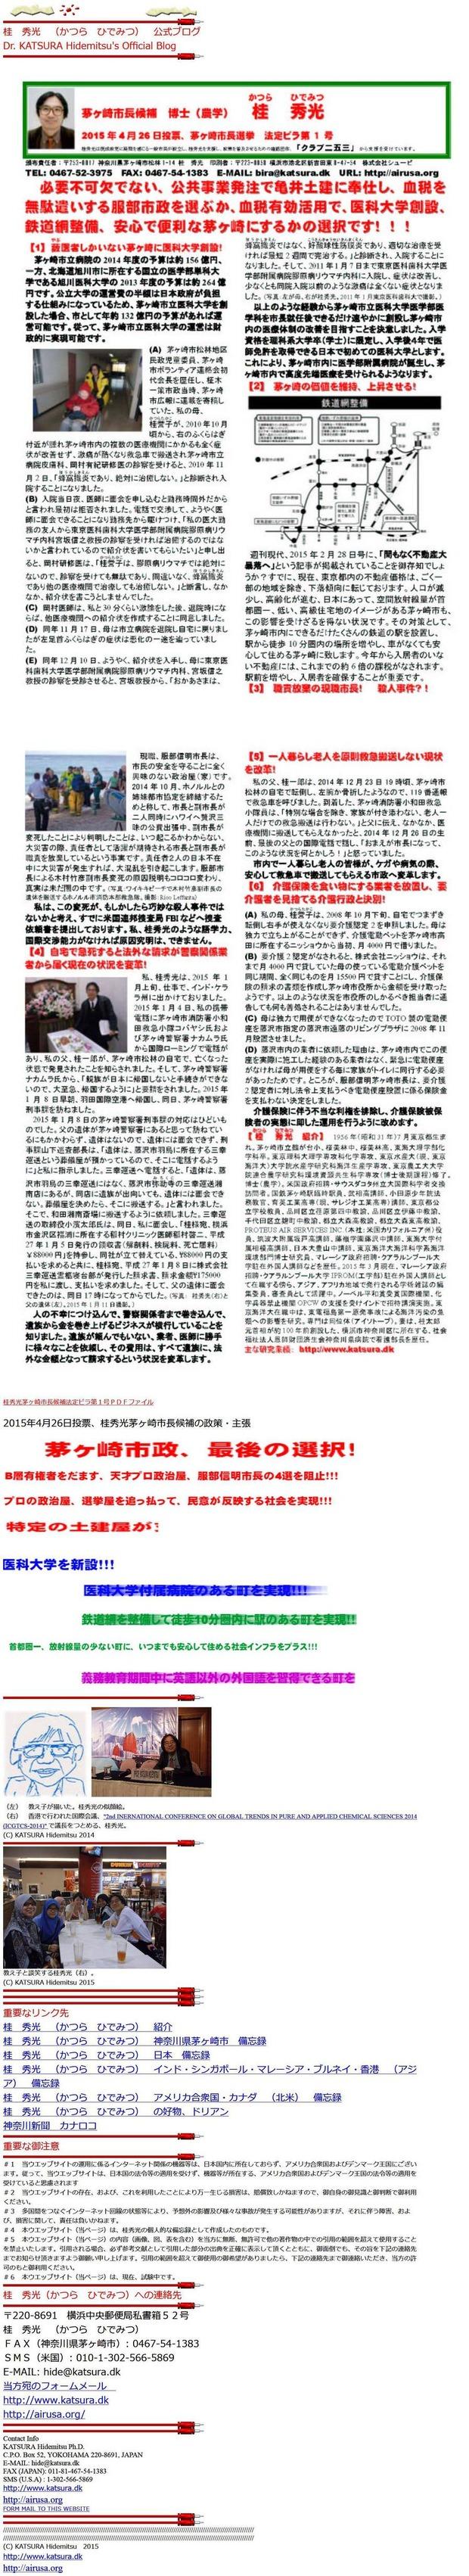 茅ケ崎市長選のサヨク候補が学校前で大音量で演説→「静かにして」との苦情に逆ギレし大騒ぎ